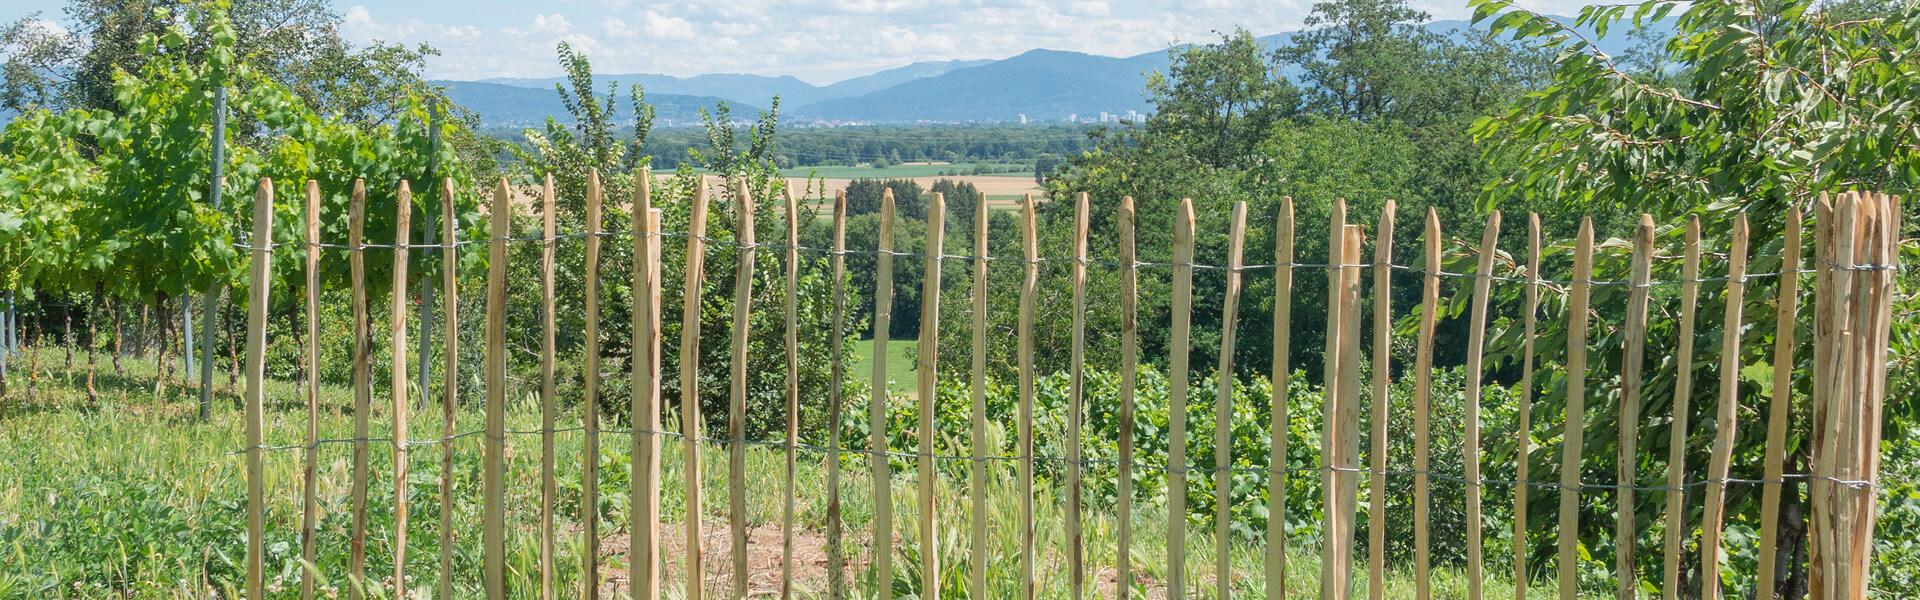 Staketenzaun als Sichtschutz im Garten